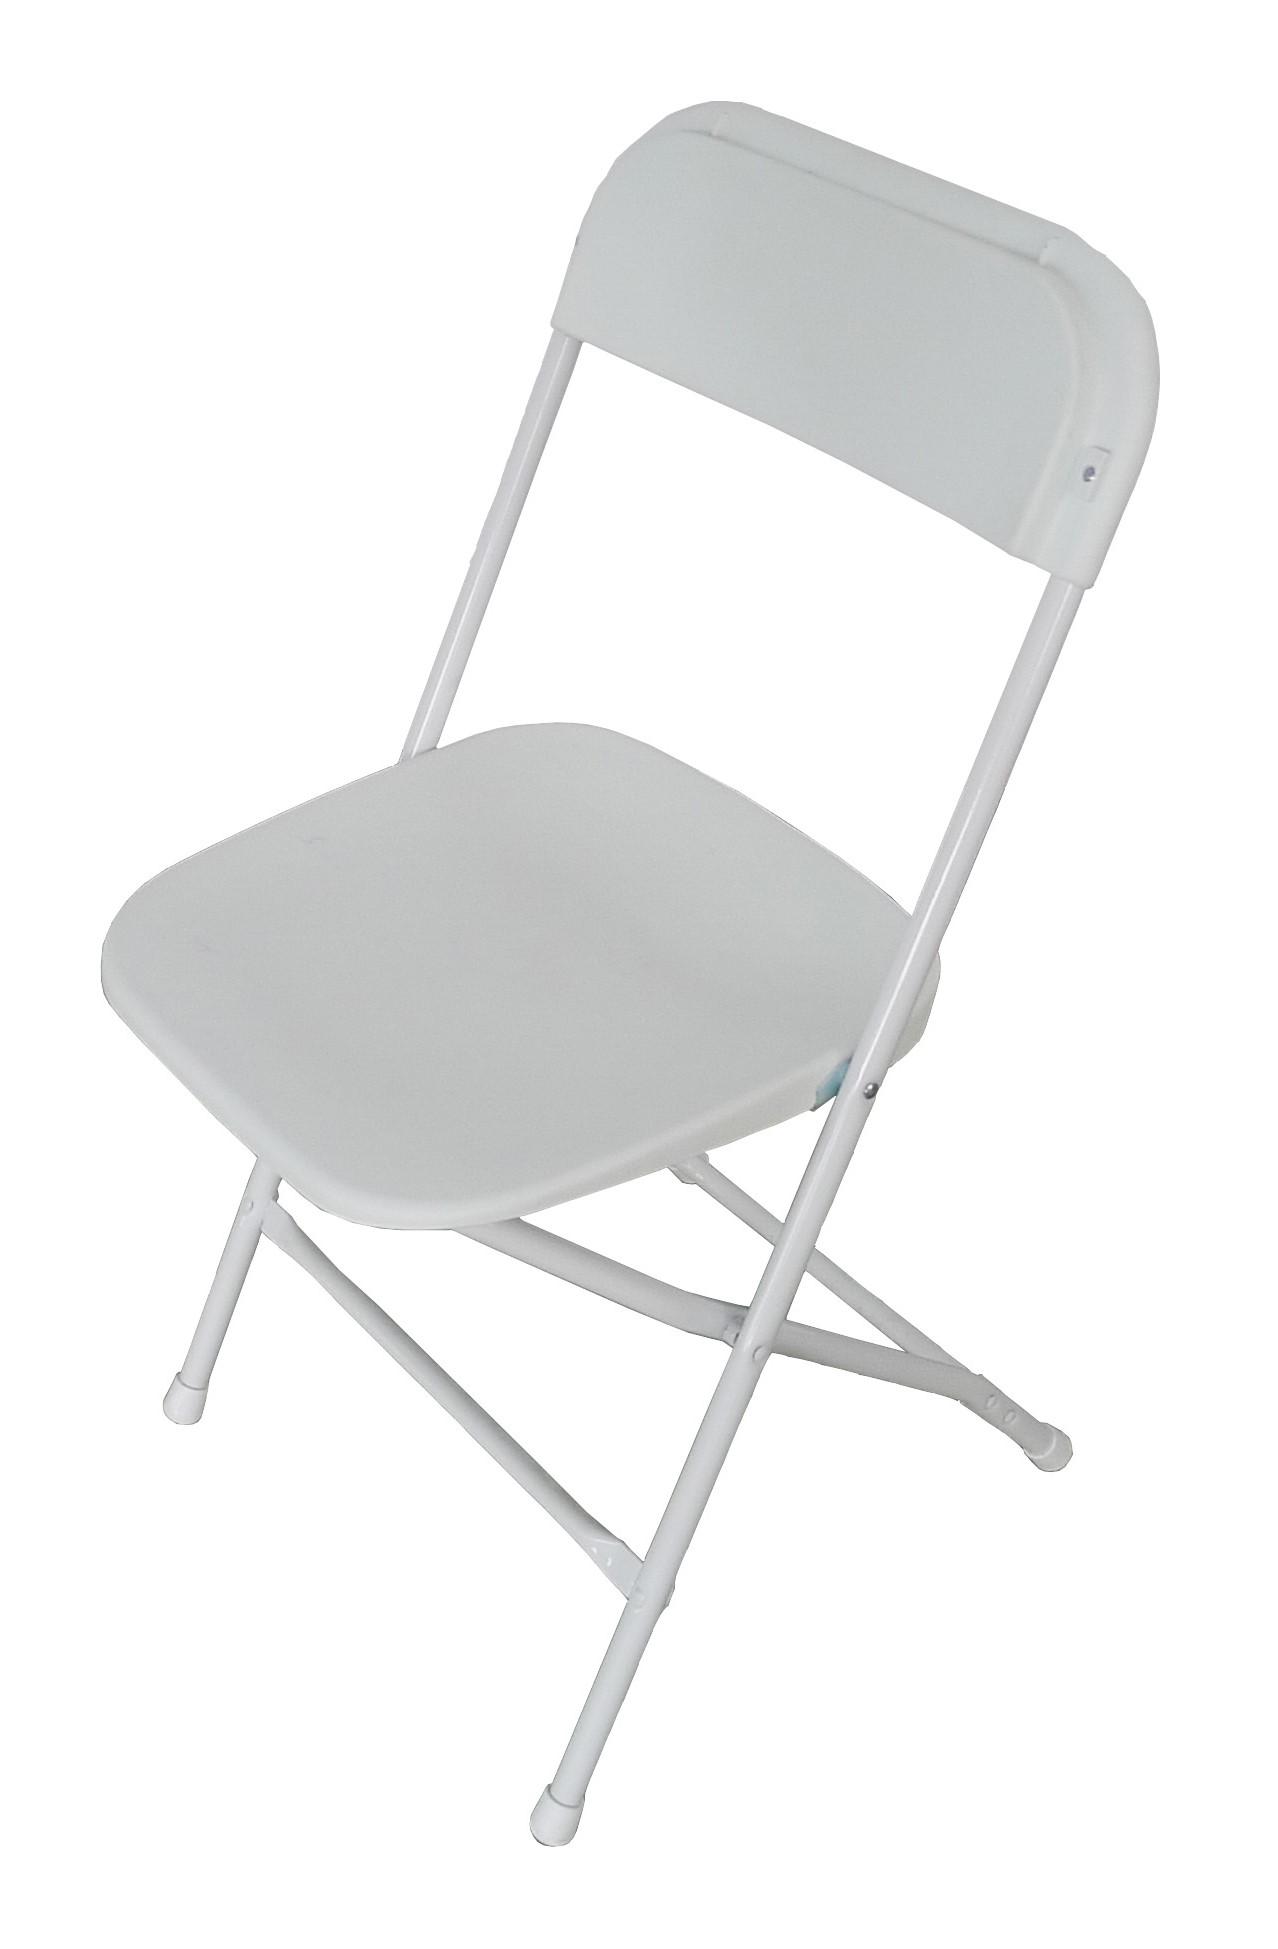 chaise pliante jet blanche m2 chaise pliante et empilable chaise pliante. Black Bedroom Furniture Sets. Home Design Ideas